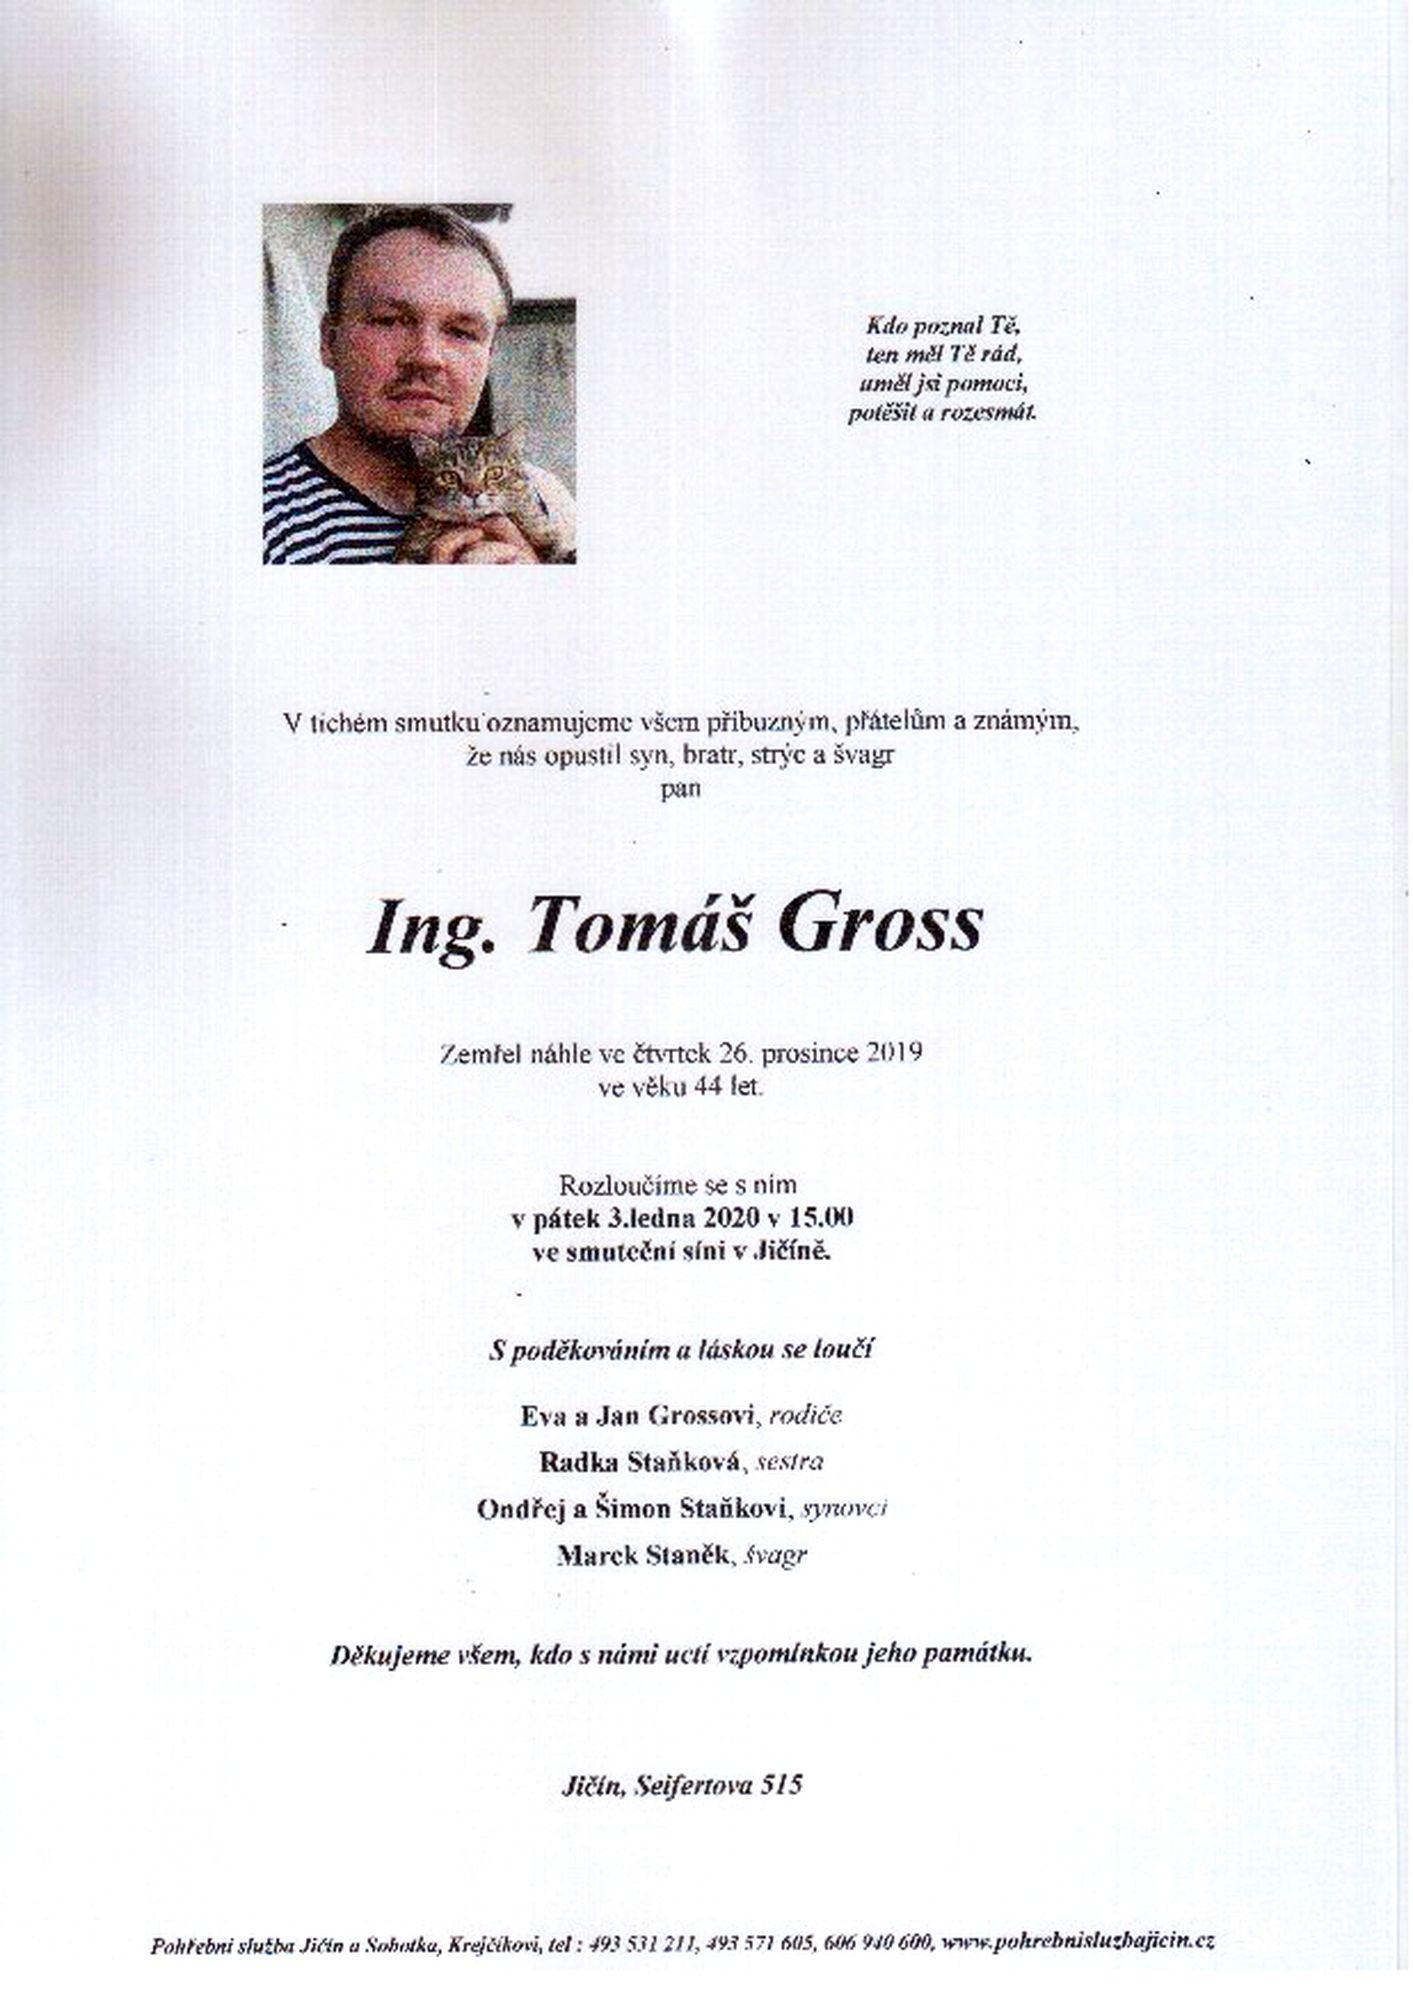 Ing. Tomáš Gross